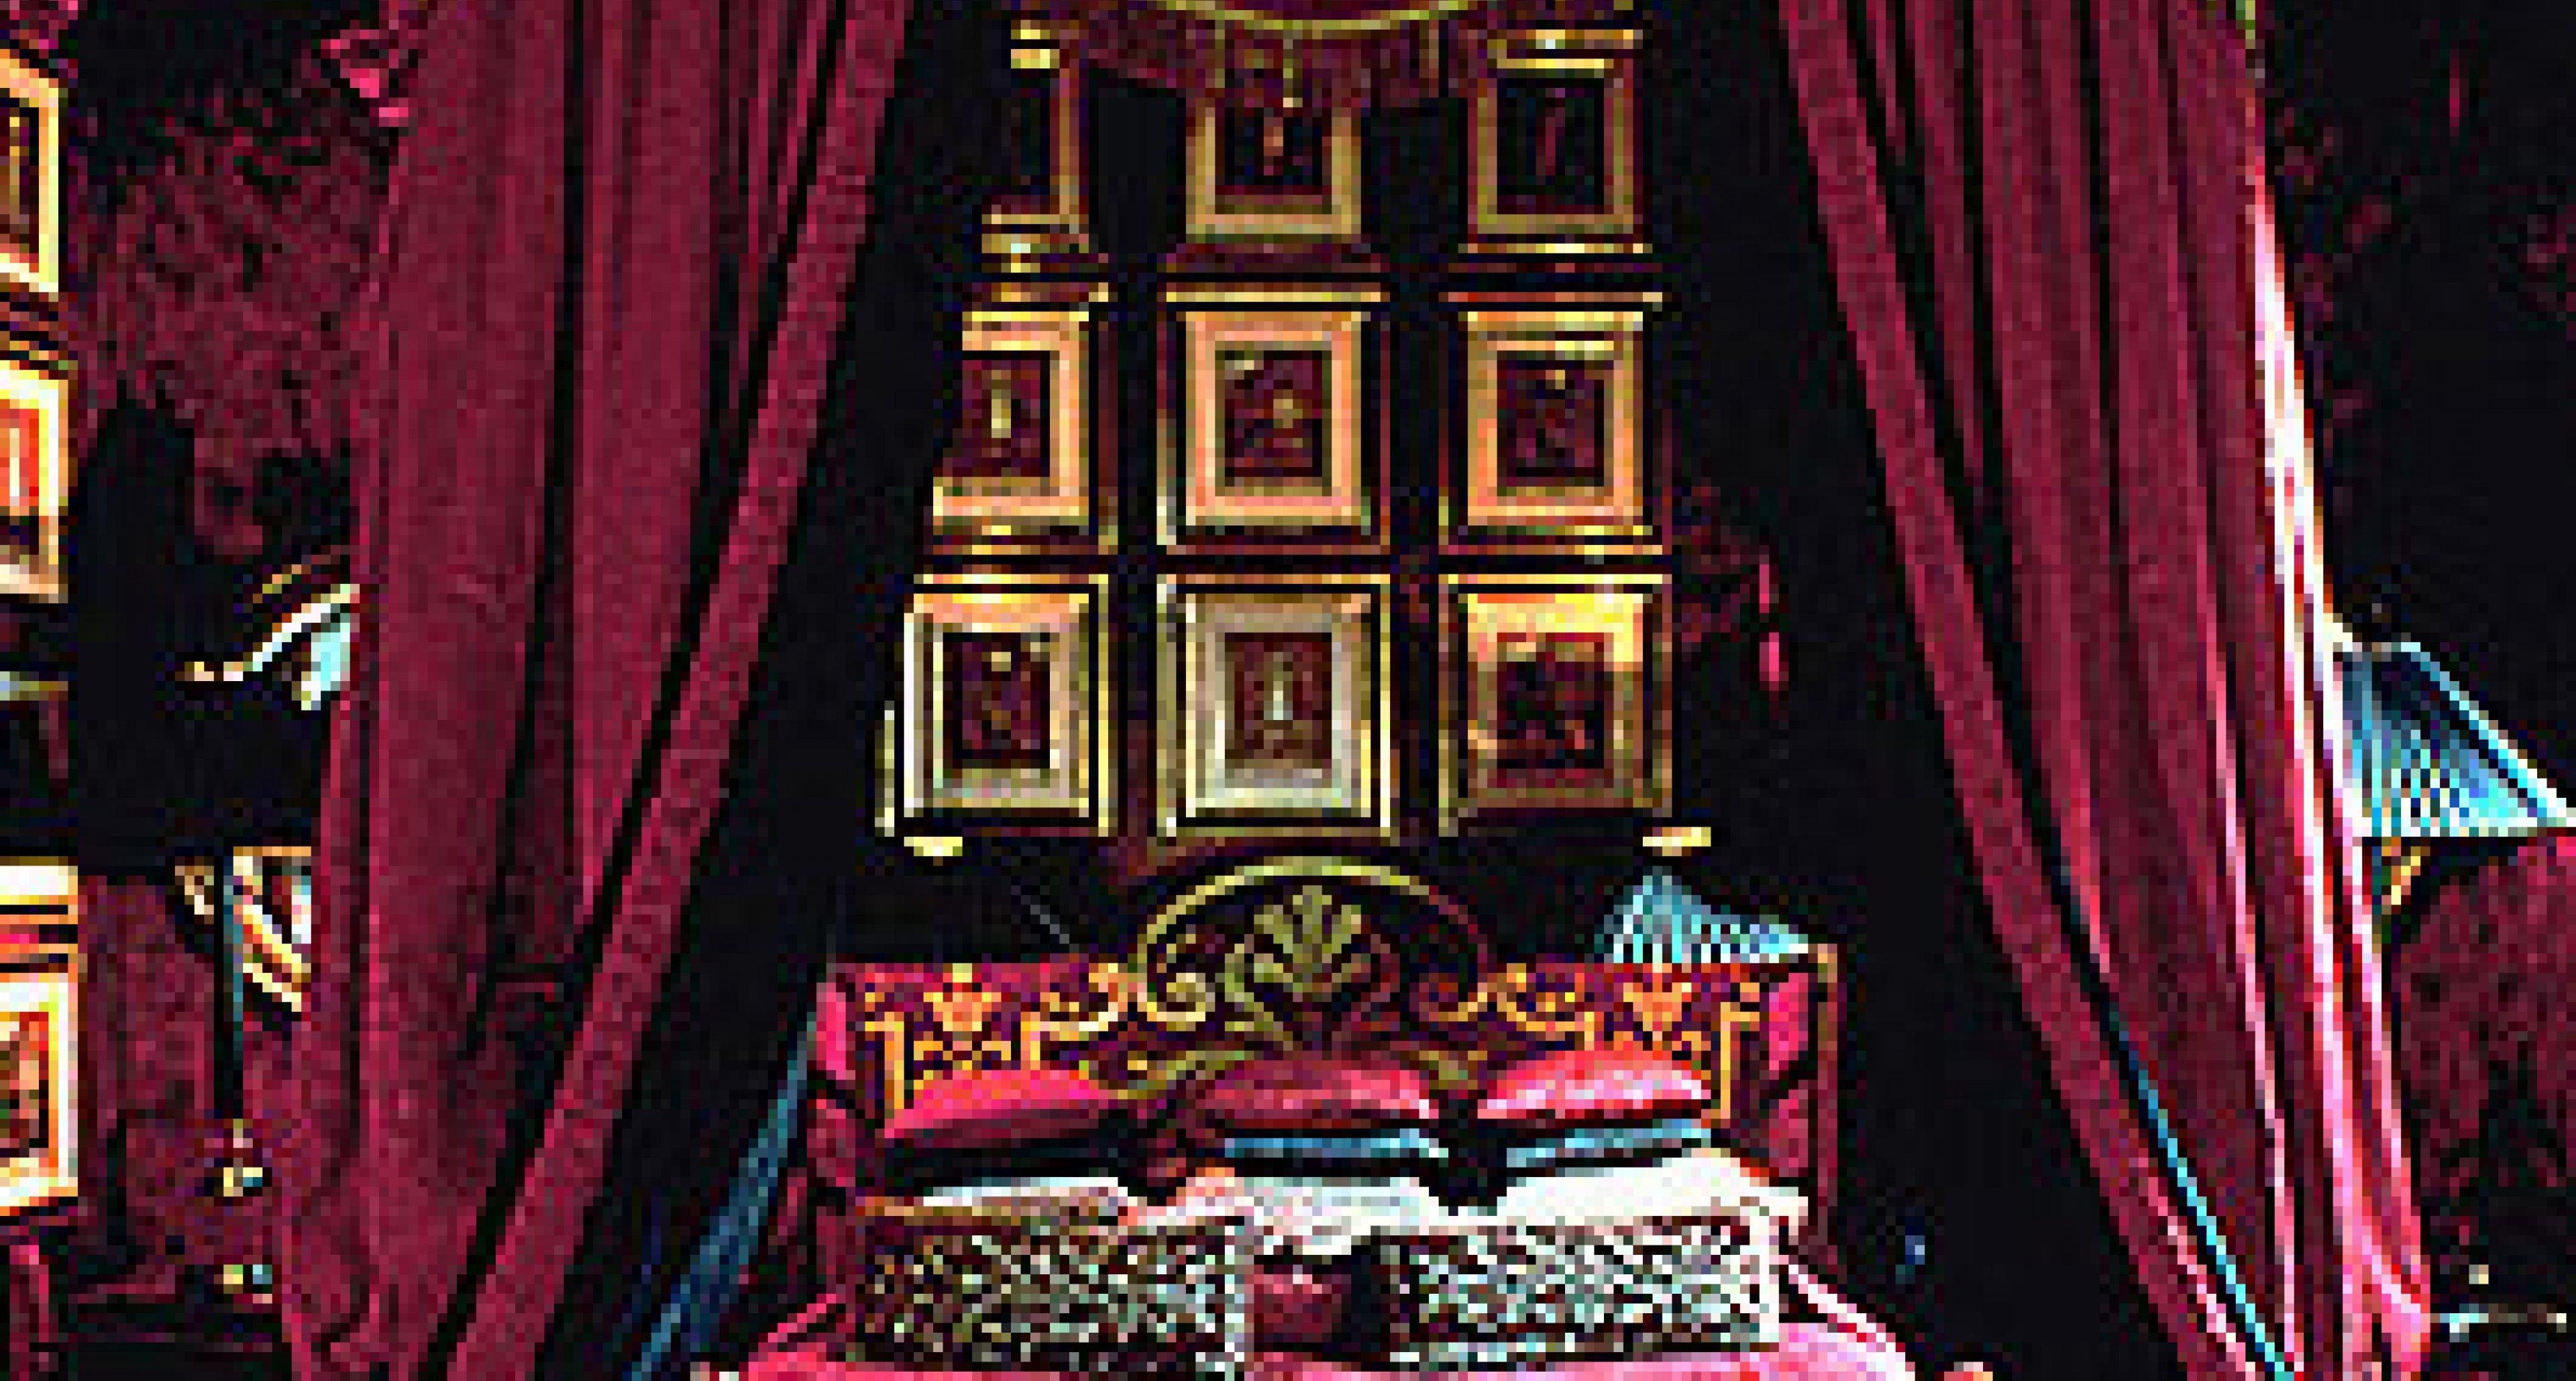 LondonInside: Sleep here